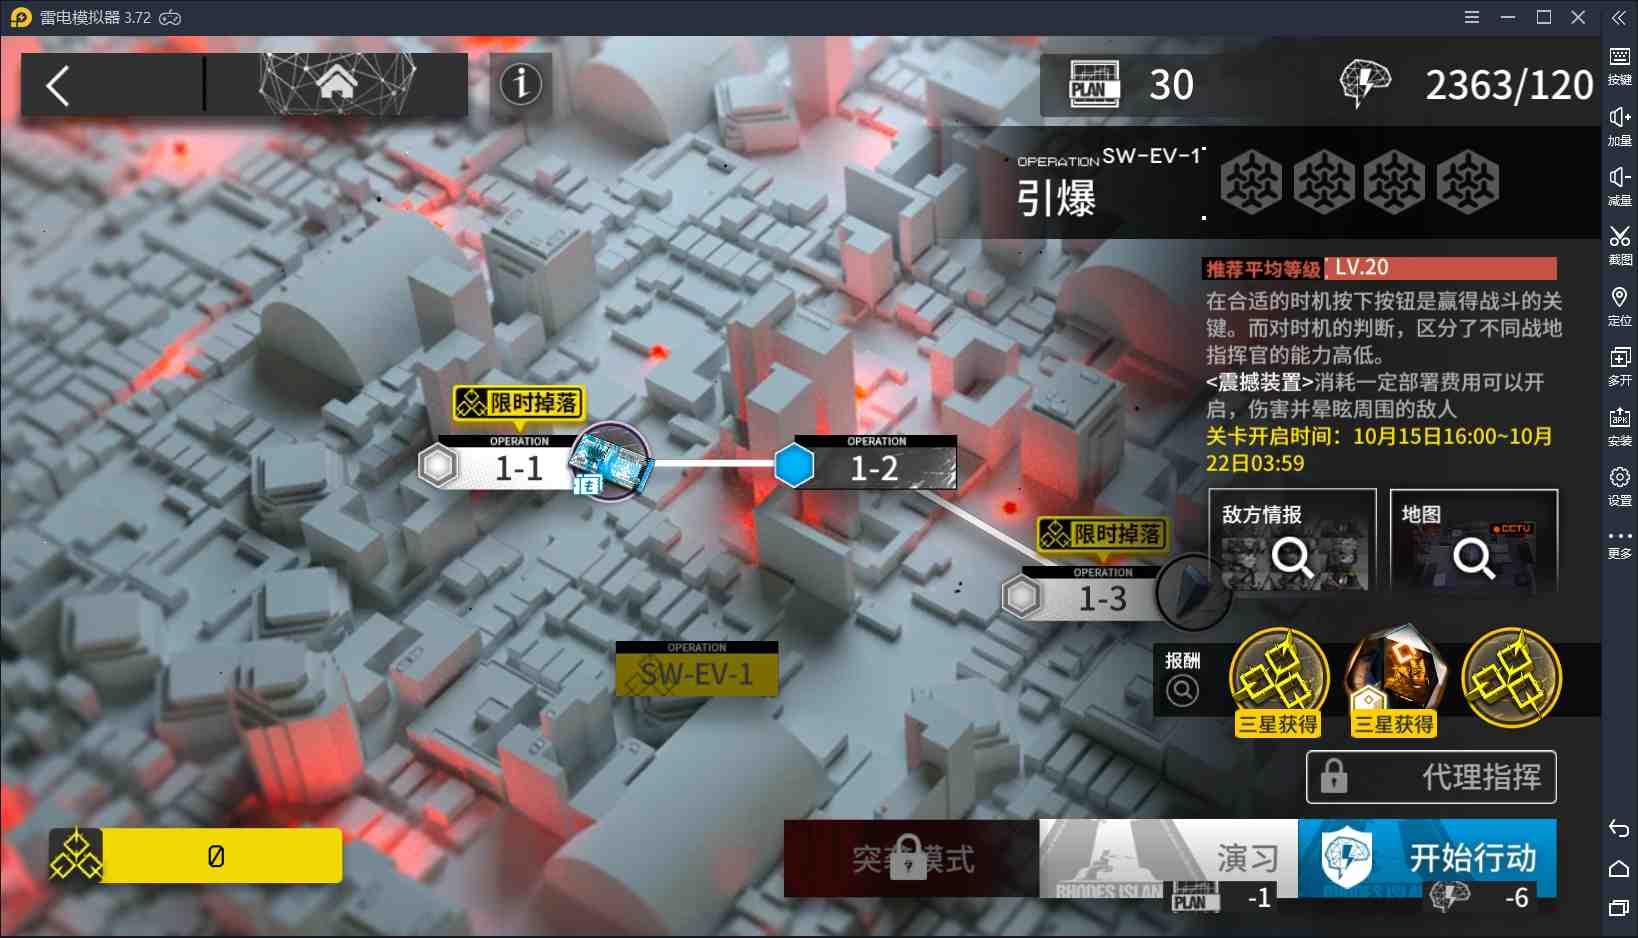 【明日方舟】战地秘闻SW-EV-1普通&突袭模式通关攻略